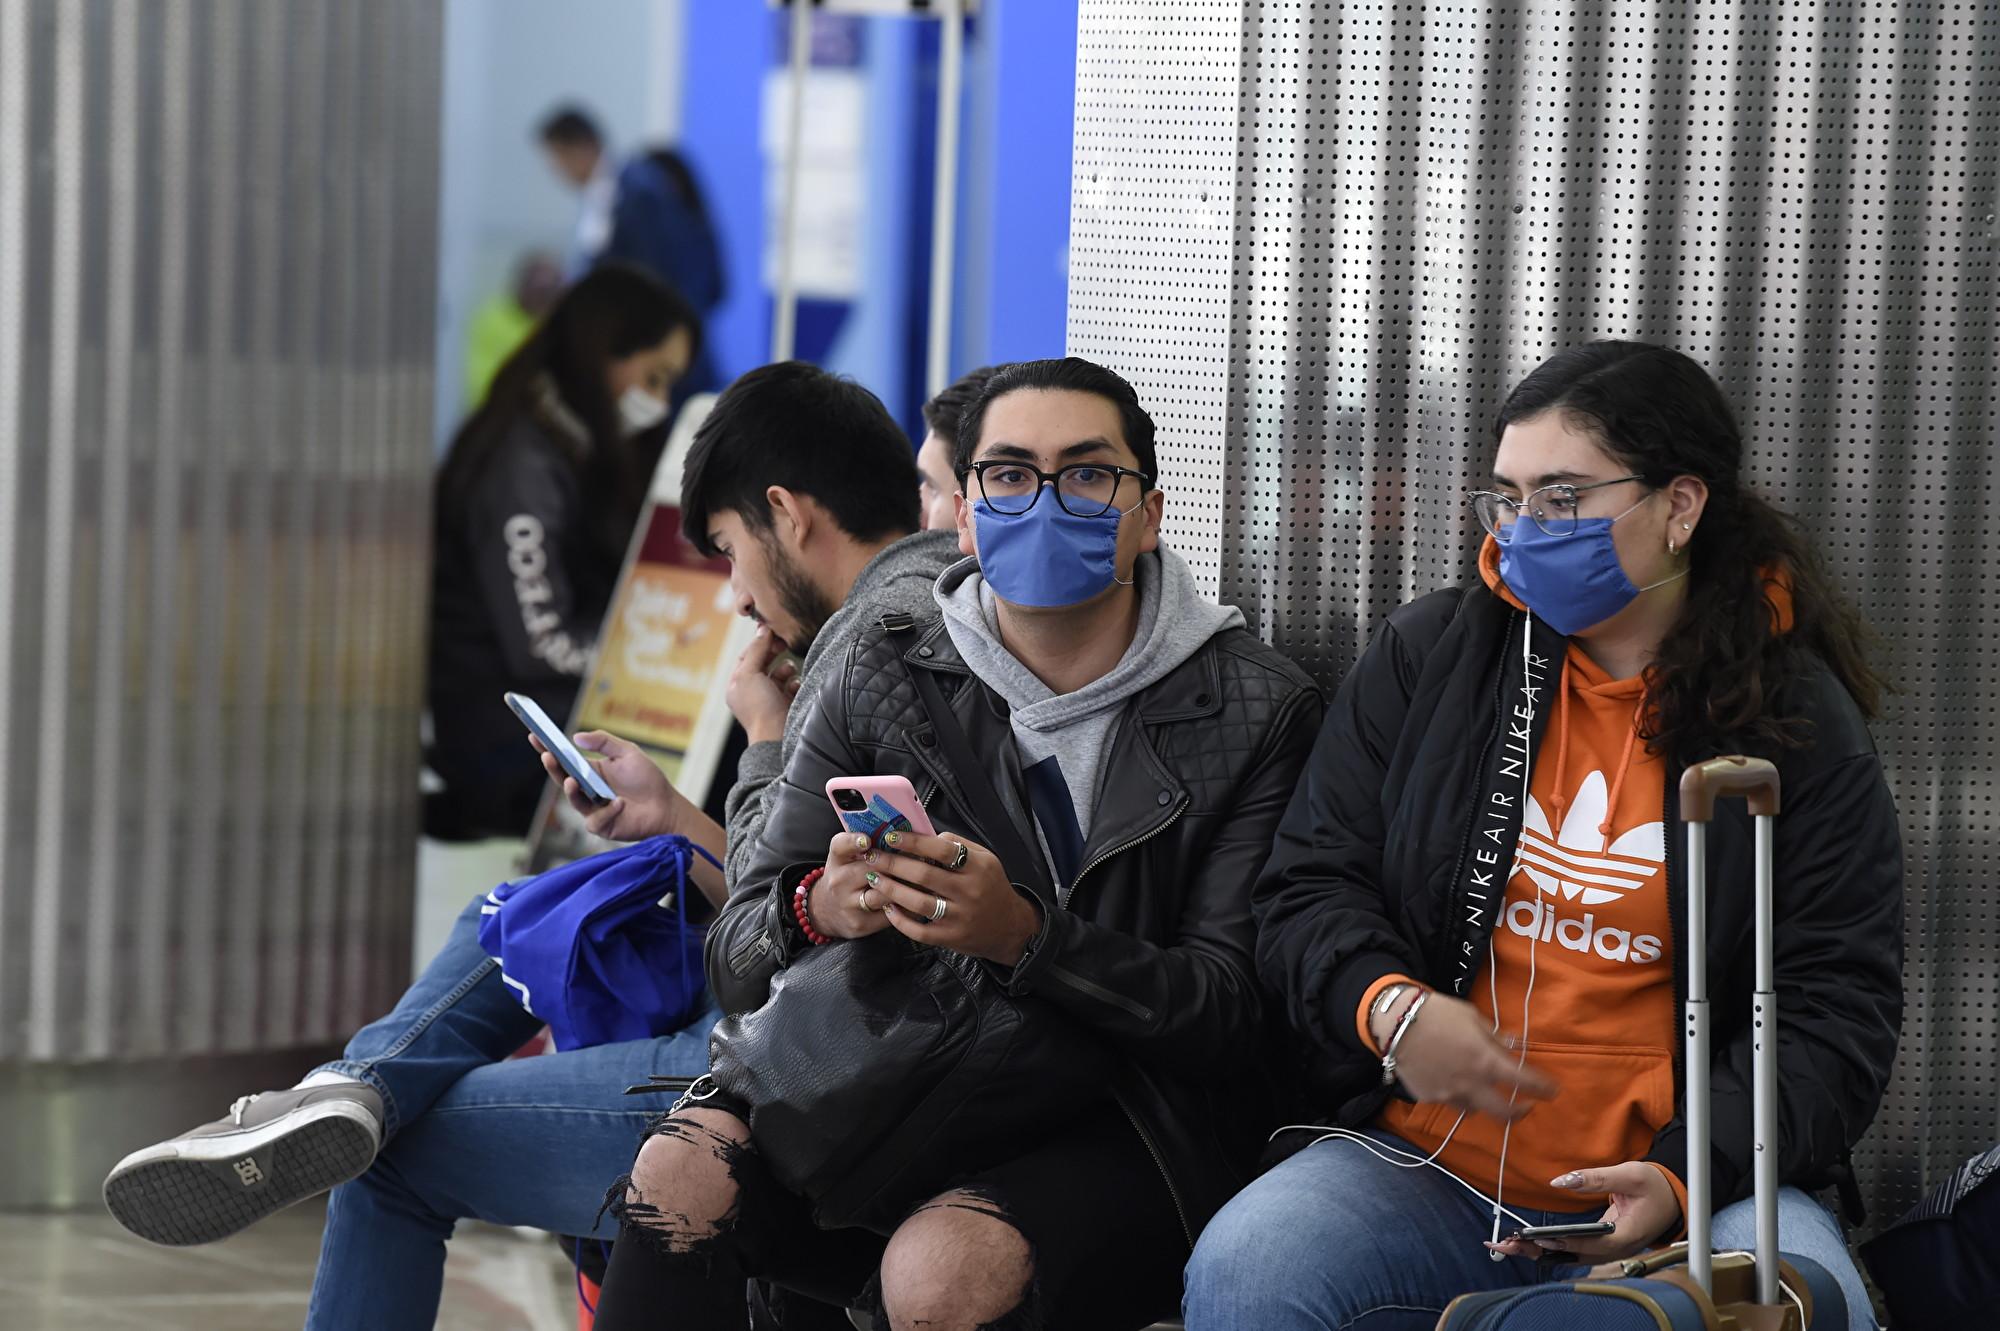 中共肺炎 墨西哥發現首例 為拉丁美洲第二例